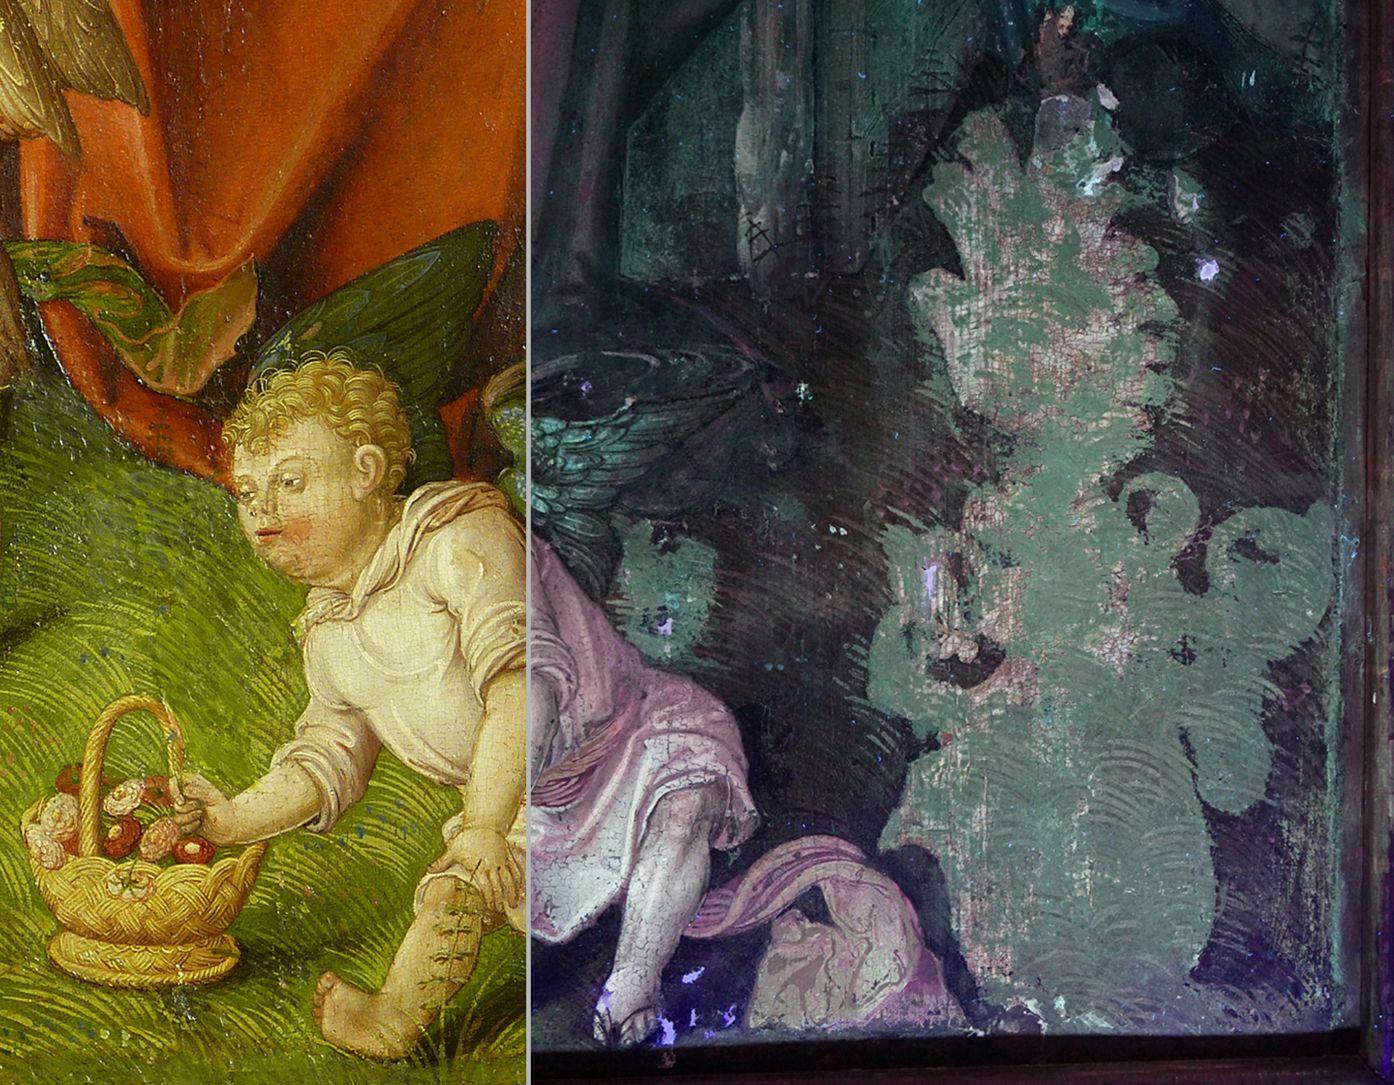 Heilige Sippe UV-A Aufnahme der rechten unteren Bildecke